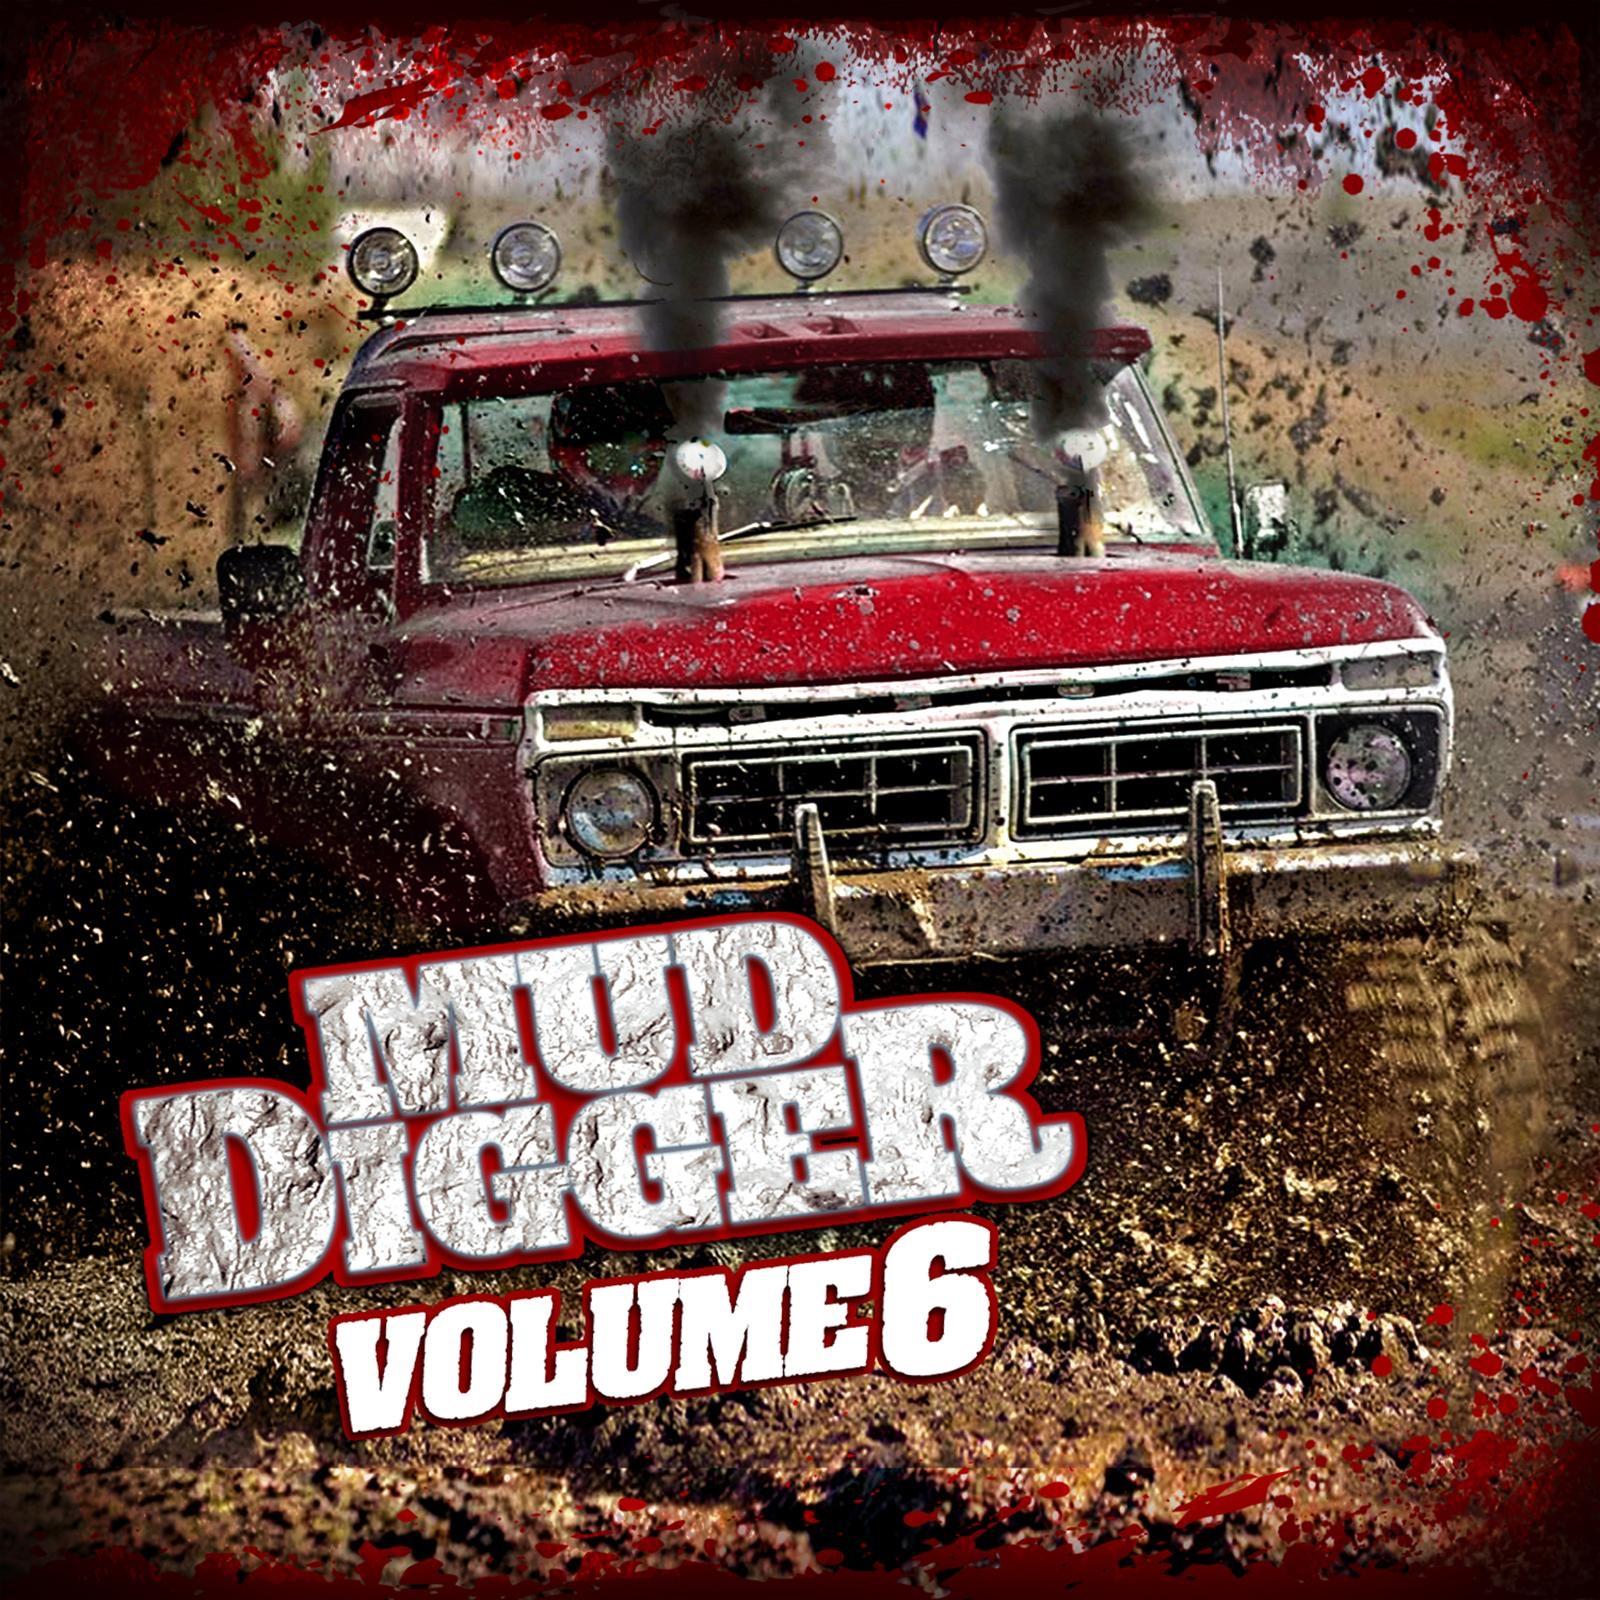 Mudding Soccor Girl Wallpaper Colt Ford Mud Digger 2 Lyrics